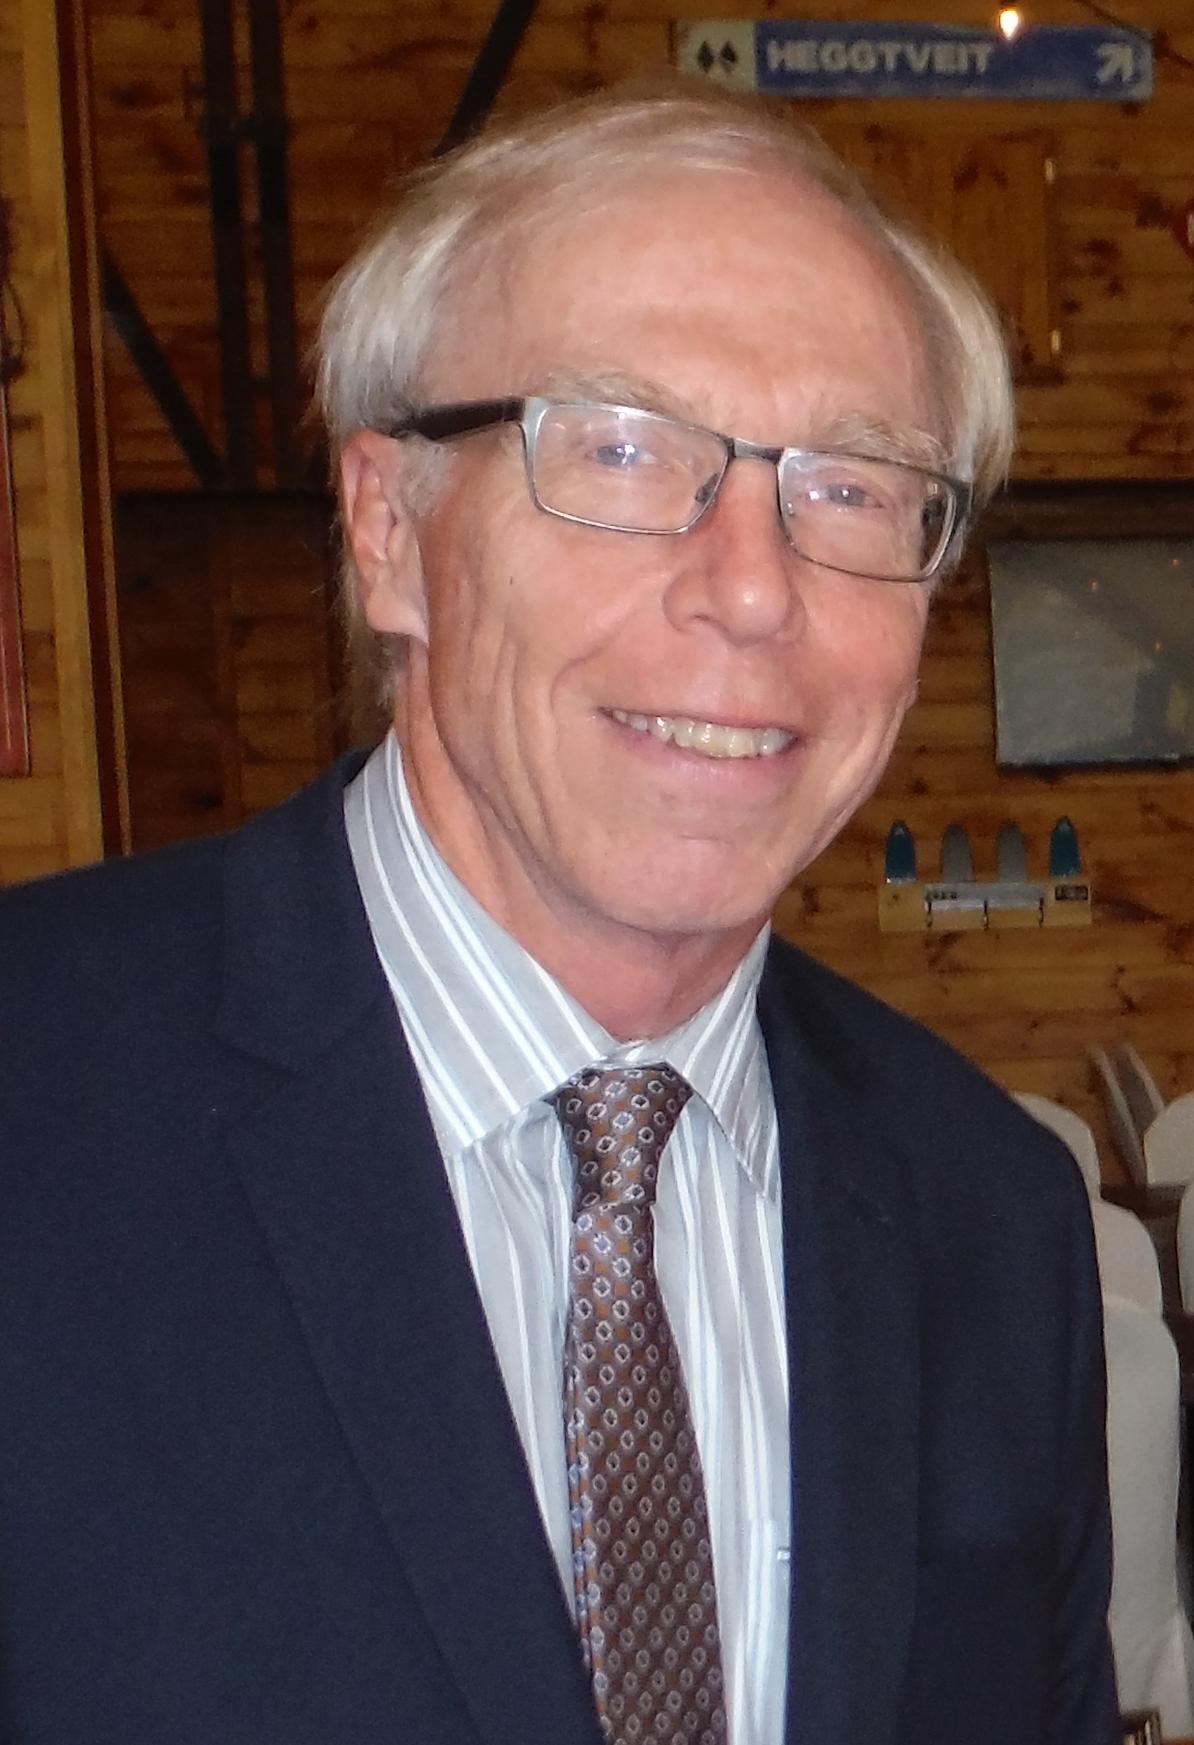 John Tyhurst